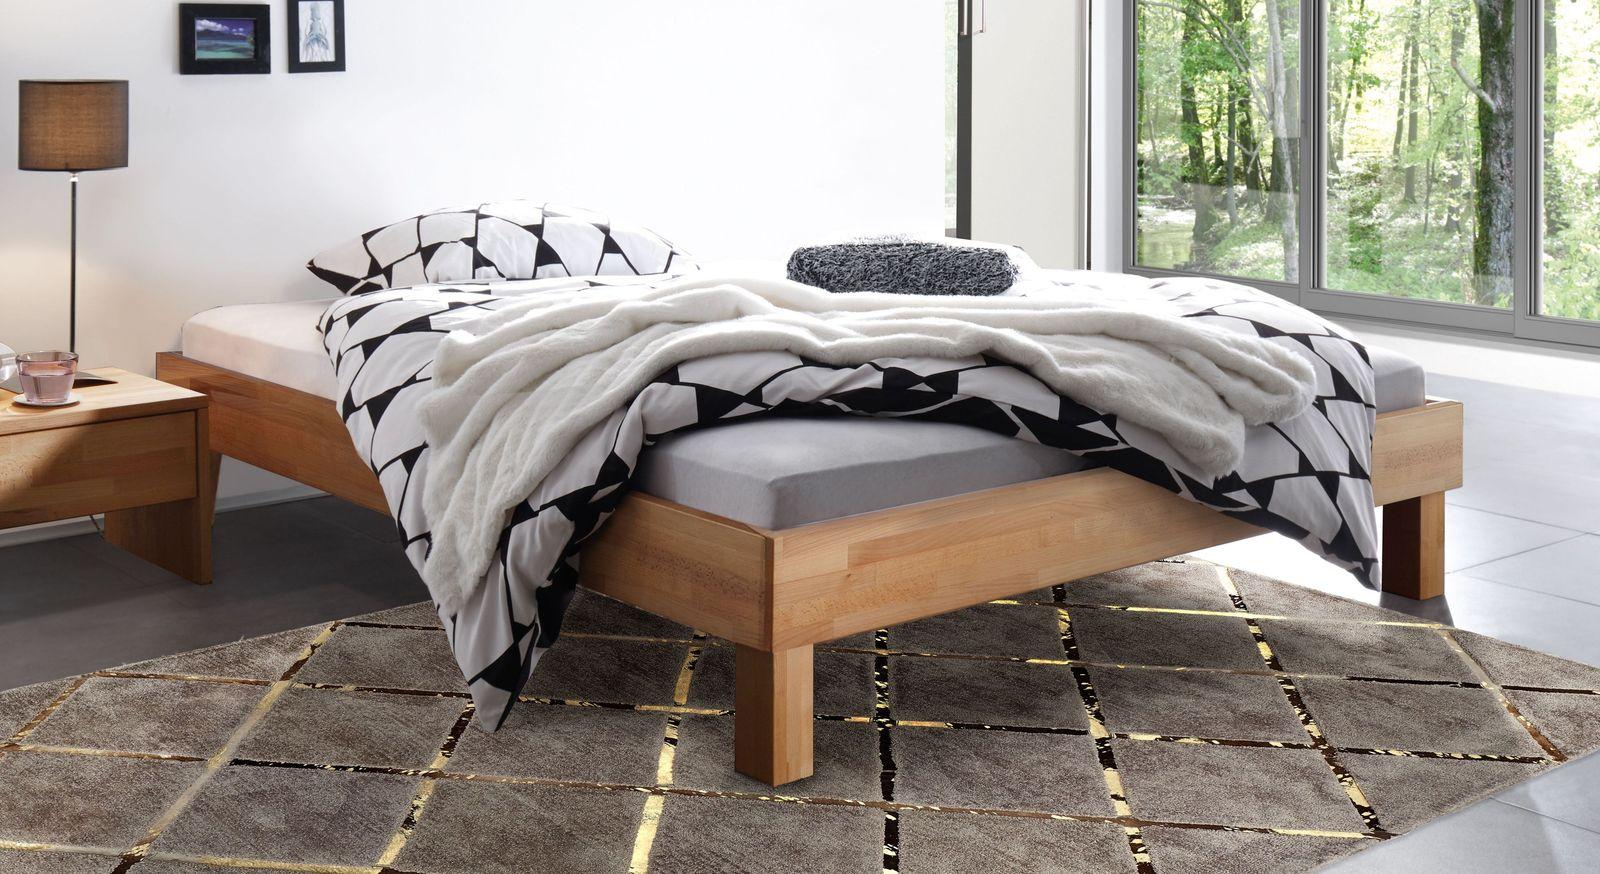 wie entsorgt man bettdecken baby kopfkissen stiftung warentest feng shui schlafzimmer schr ge. Black Bedroom Furniture Sets. Home Design Ideas